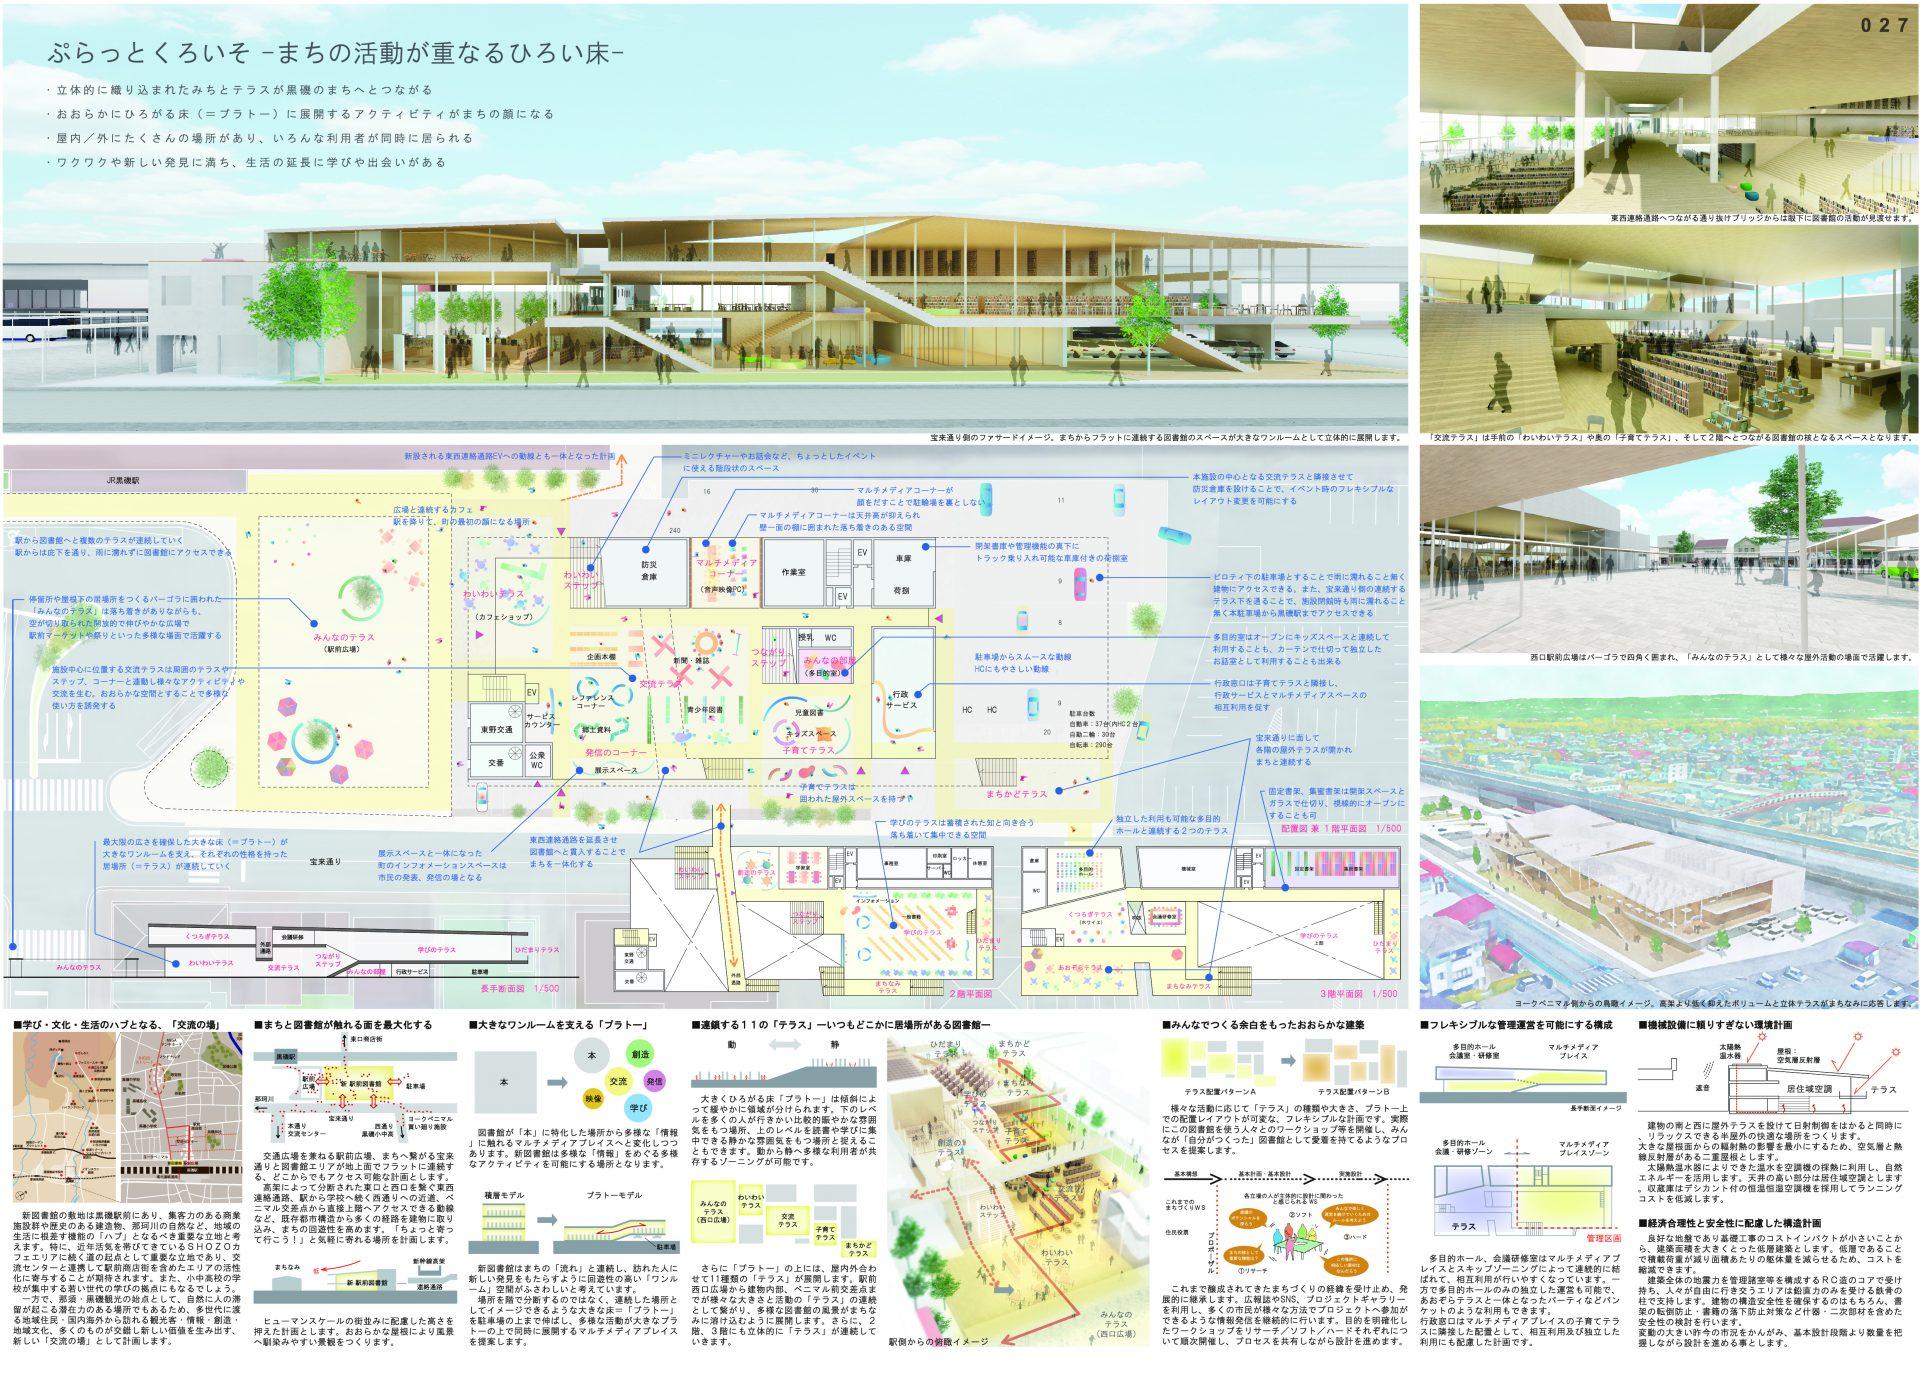 20160204_layout_kinkos